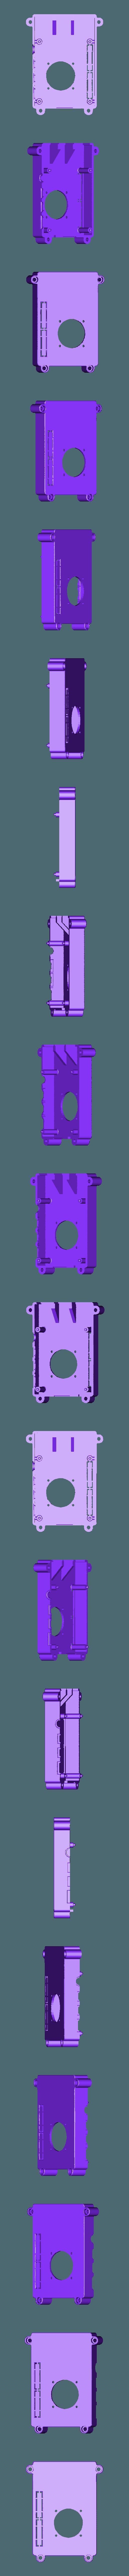 FULL_30MM_BLANK.STL Télécharger fichier STL gratuit Étui Pi 4B Framboise Framboise • Objet pour imprimante 3D, mkellsy